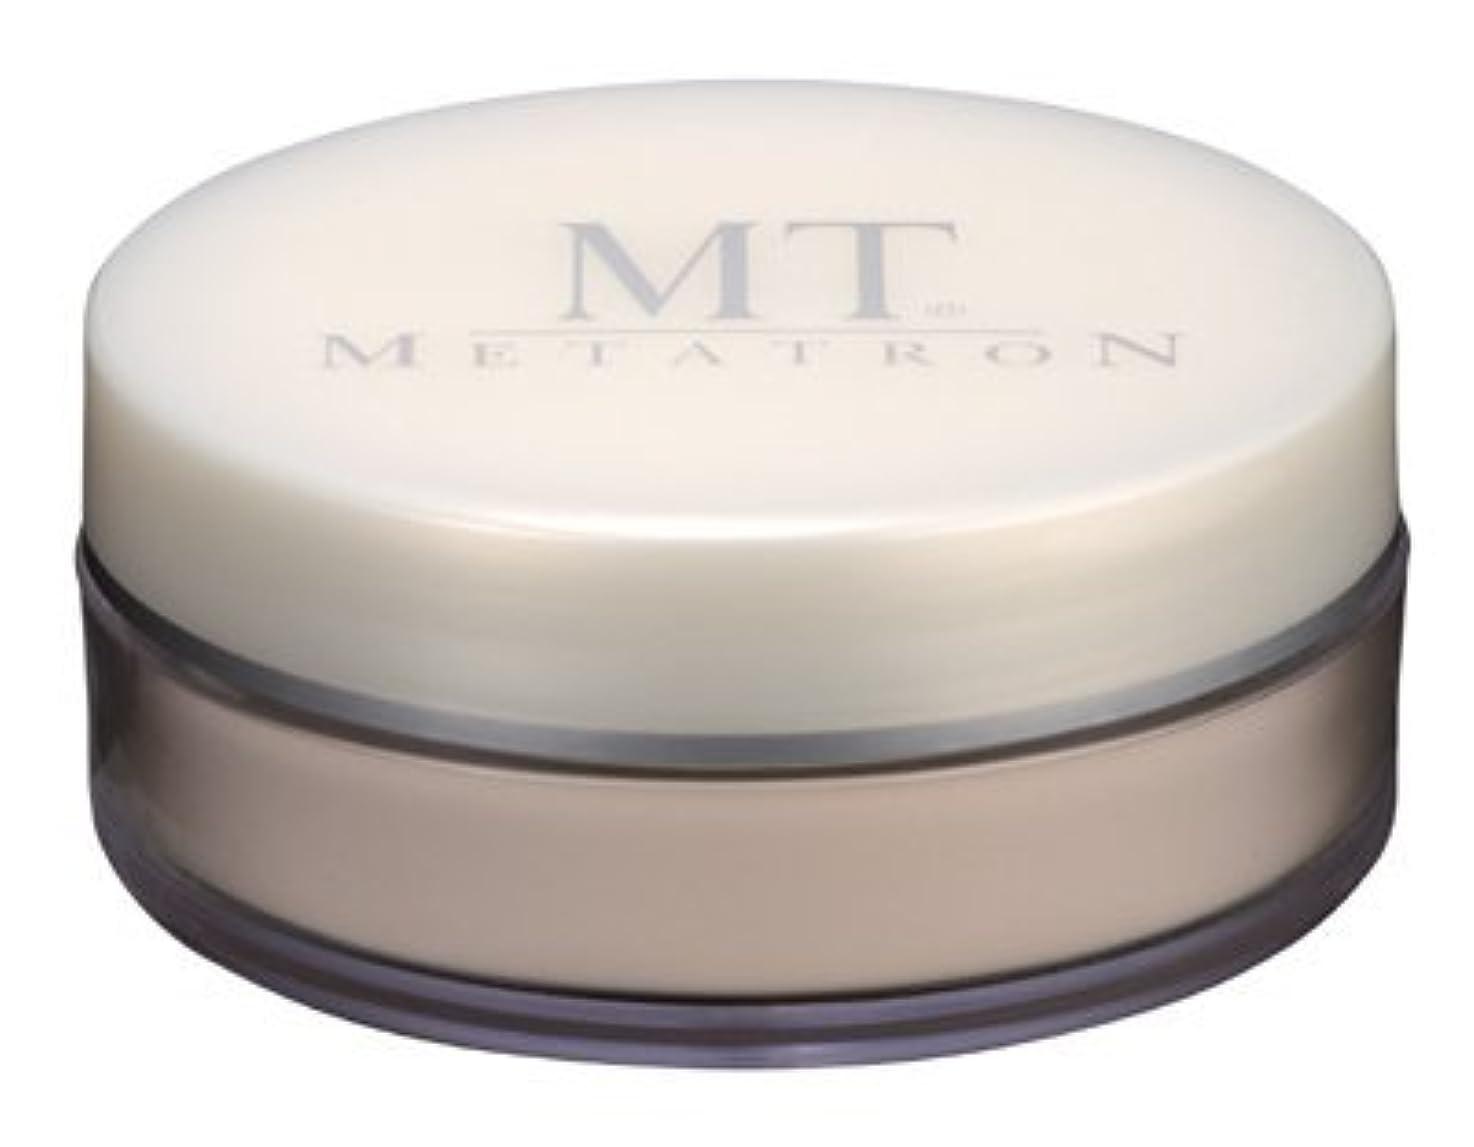 過言光景喜びMTメタトロン MTプロテクトUVルースパウダー 20g 【ピンク】